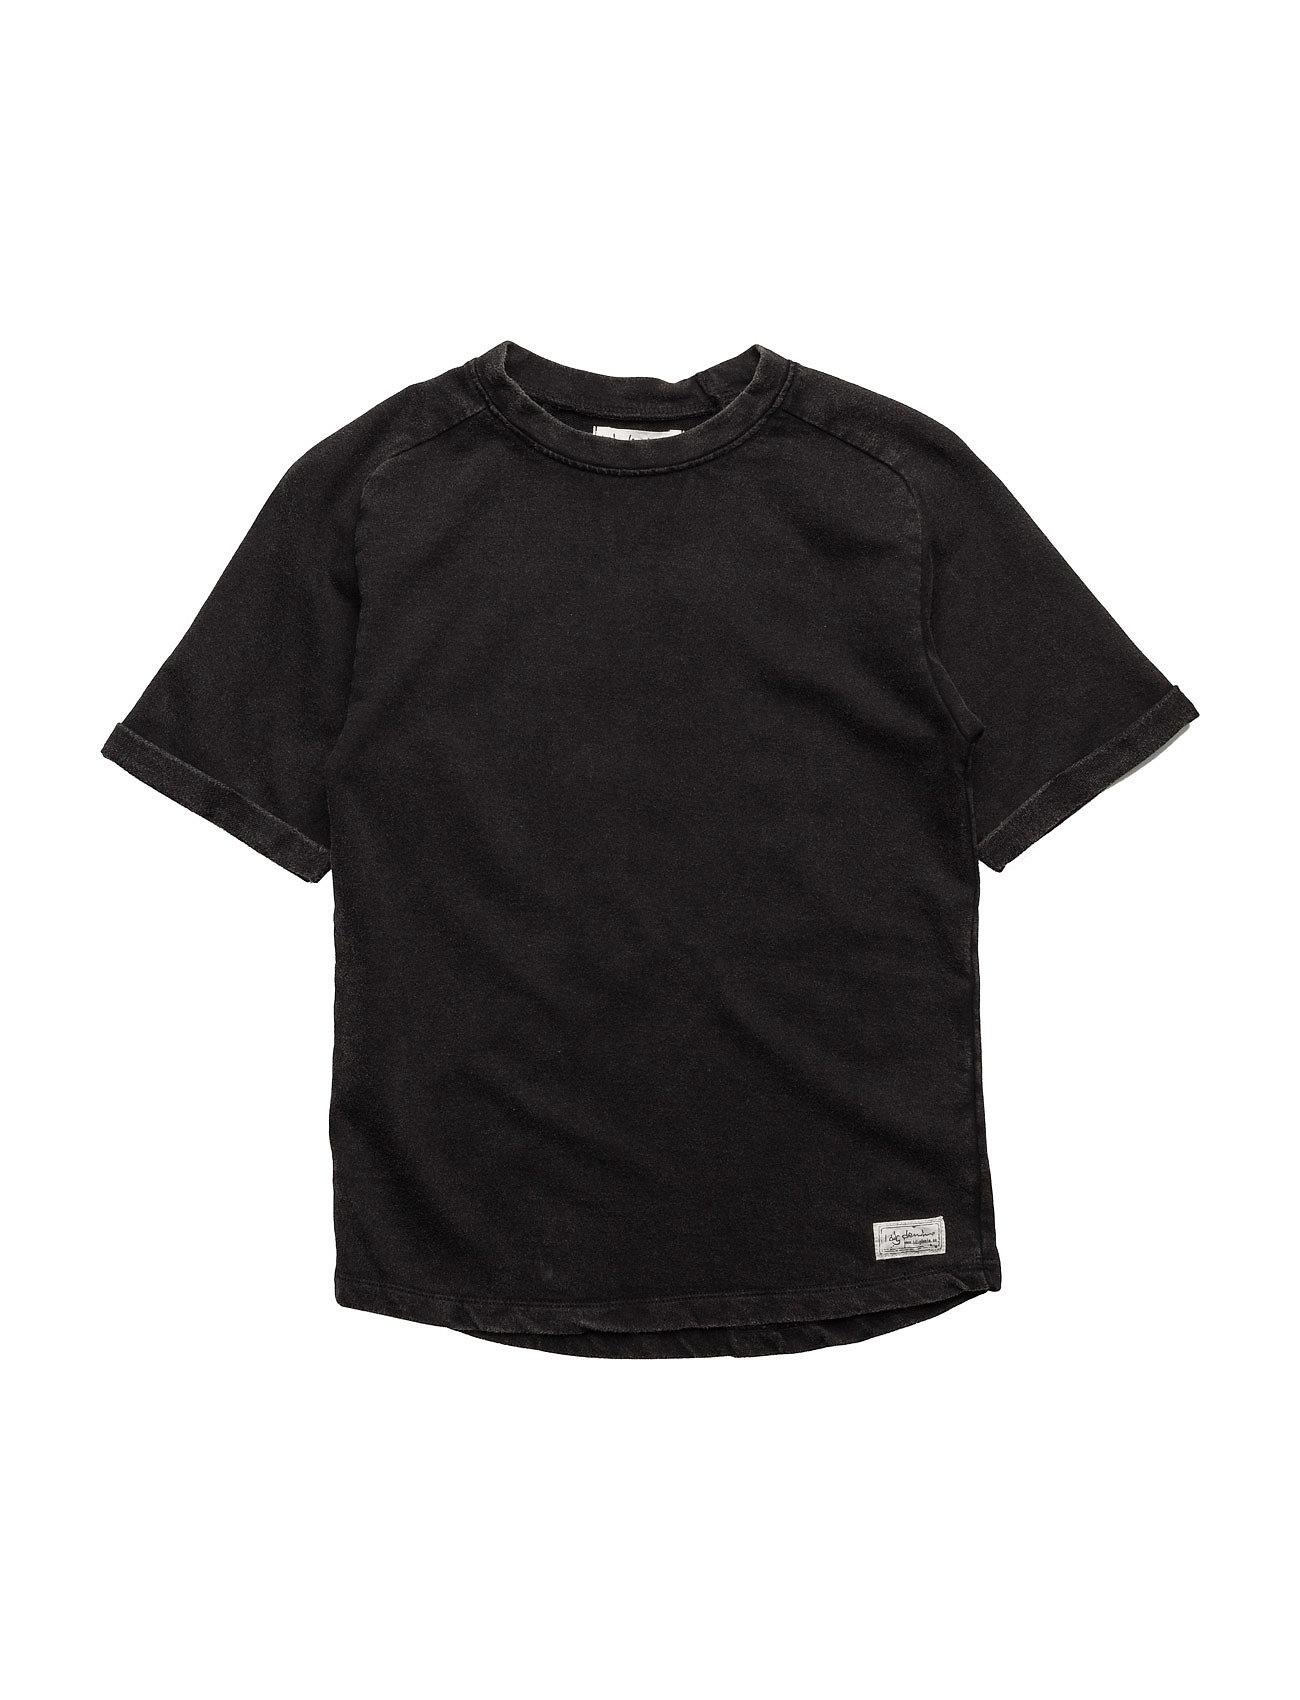 Ben Sweater Tee I dig denim Kortærmede t-shirts til Børn i Sort